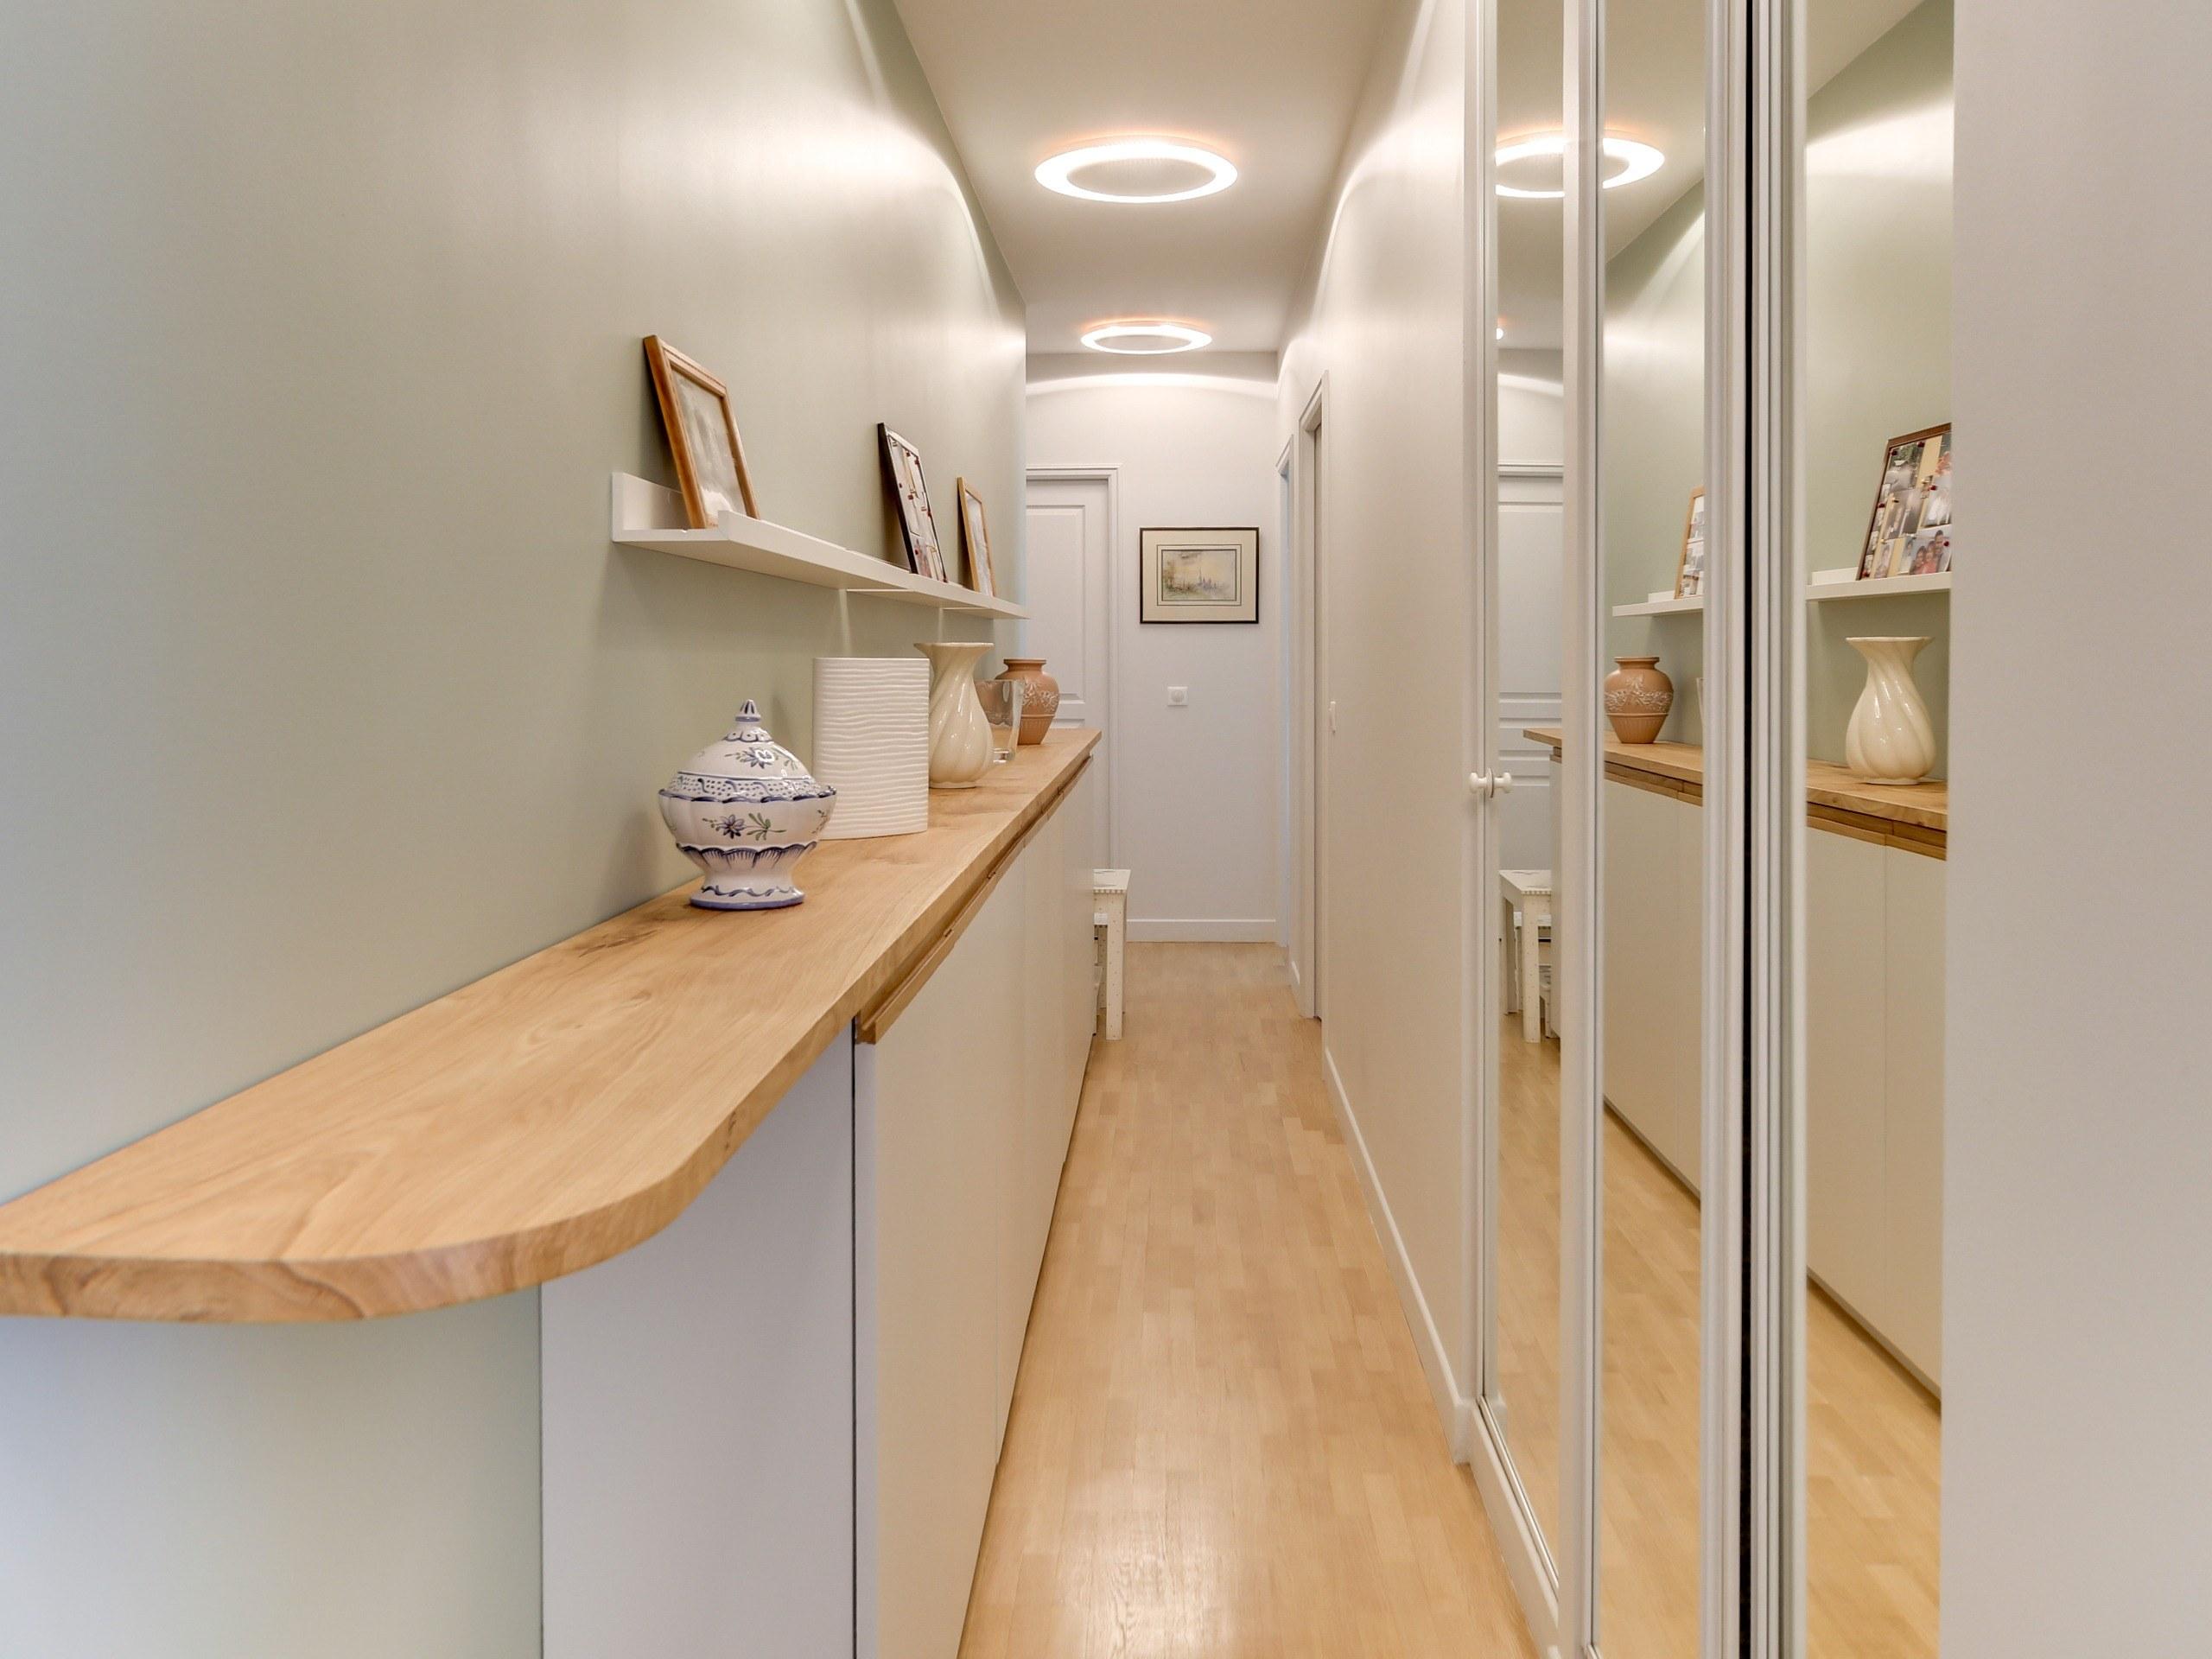 architecte decorateur interieur couloir